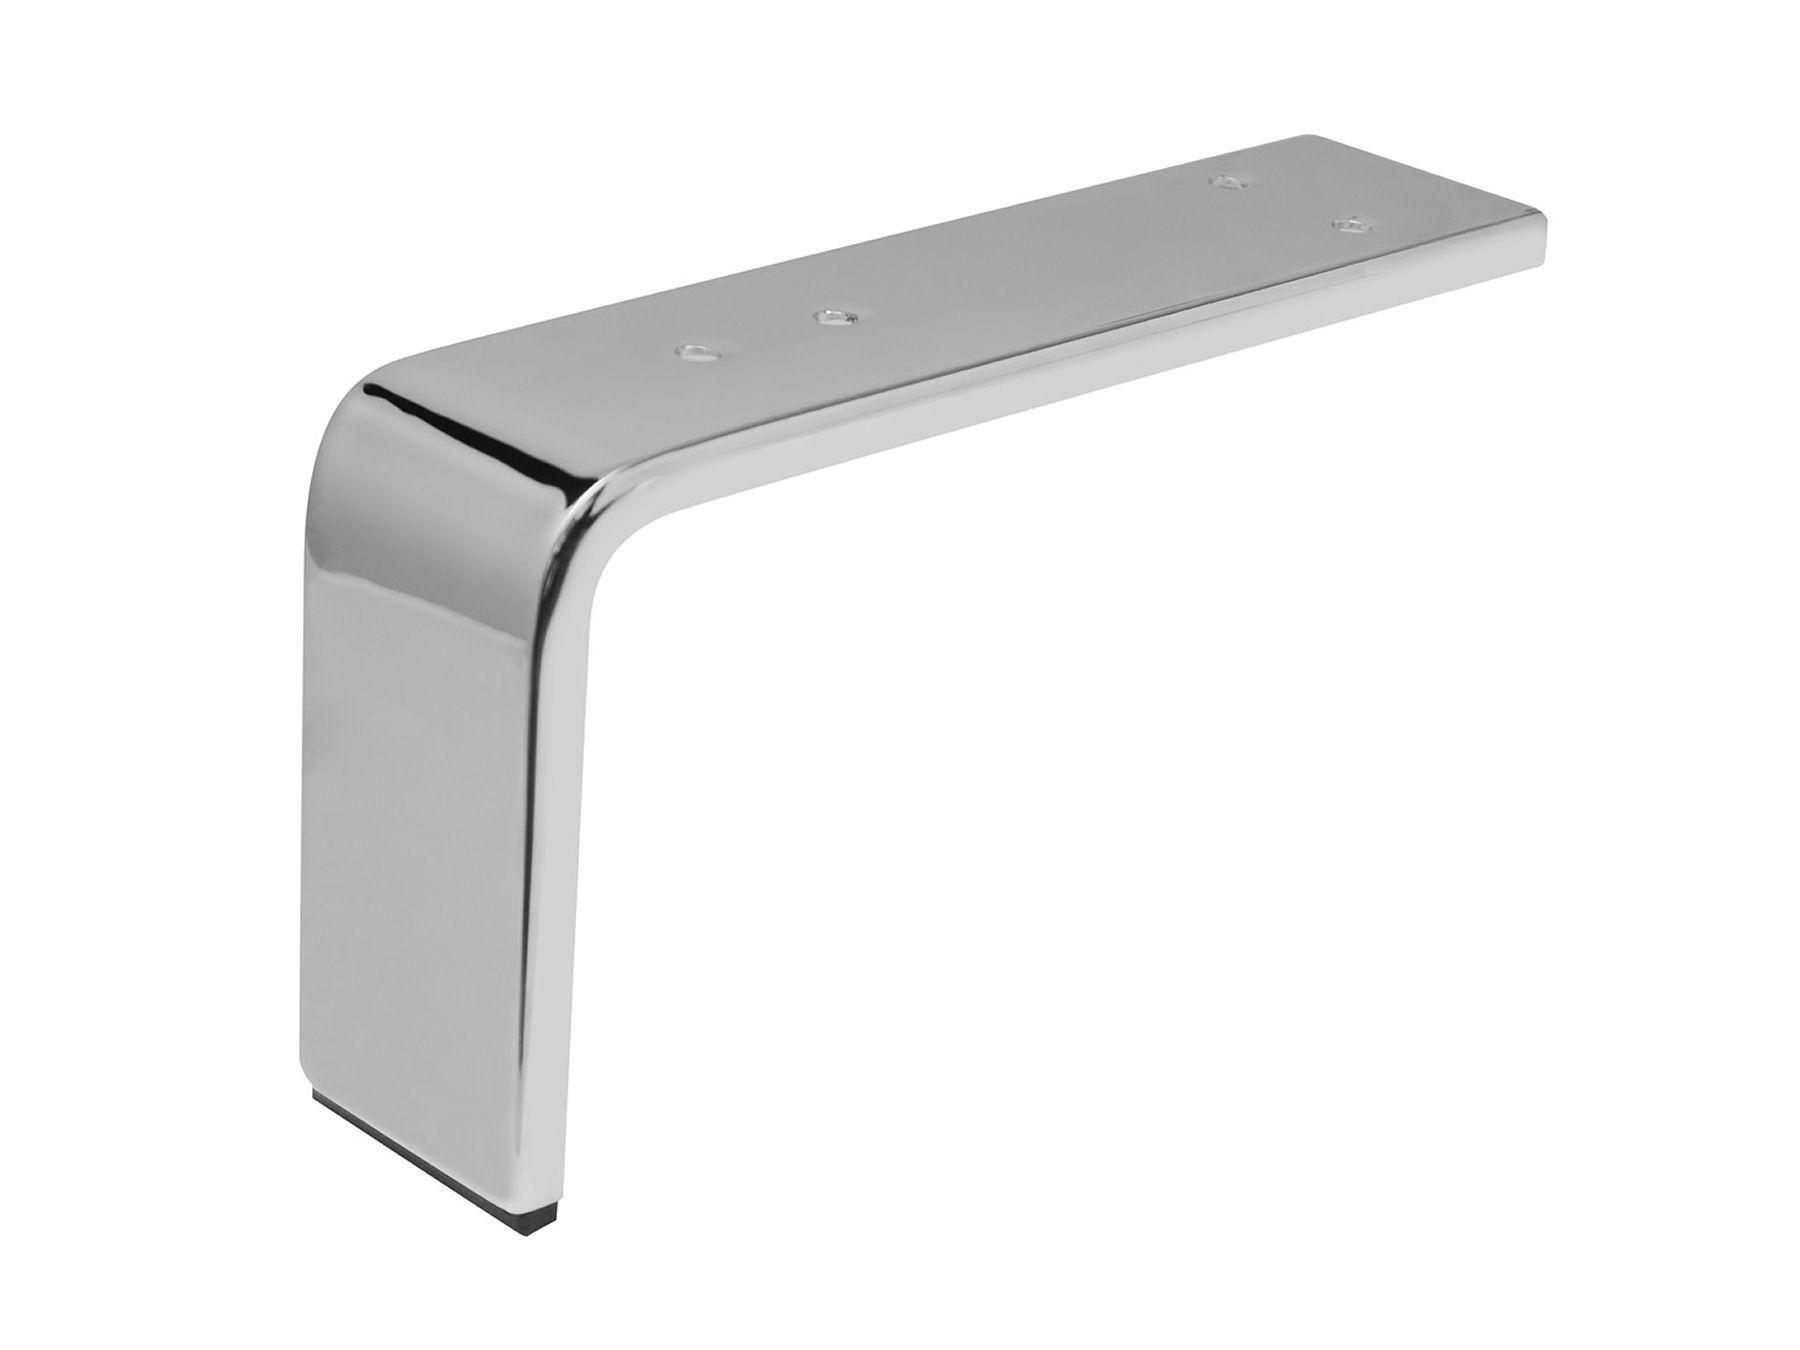 Möbelfüße Metall Eckig.Möbelfuß Möbelfüße Chrom 130 X 235 X 60 Mm